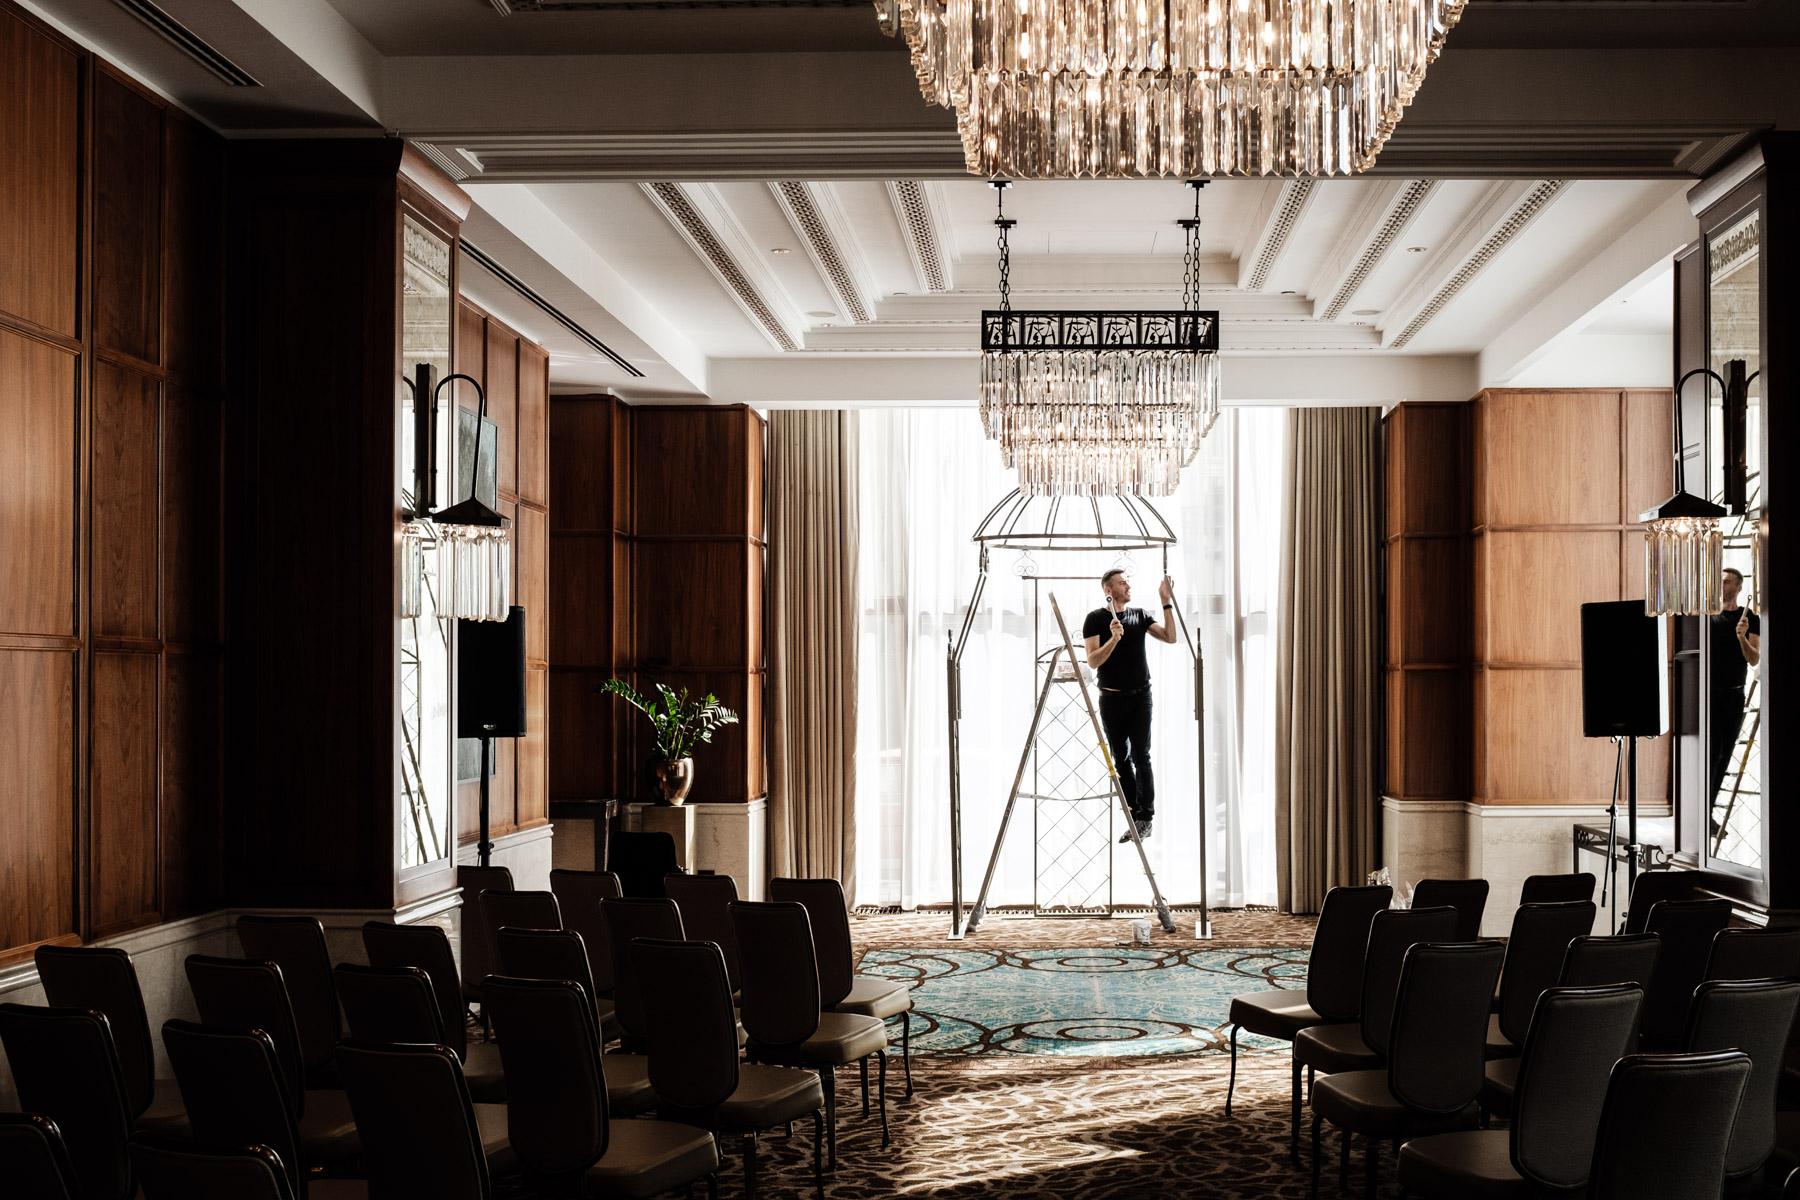 MartinLiebl_Kein_Hochzeitsfotograf_No_Wedding_Photographer_Budapest_Gresham_Palace_004.jpg